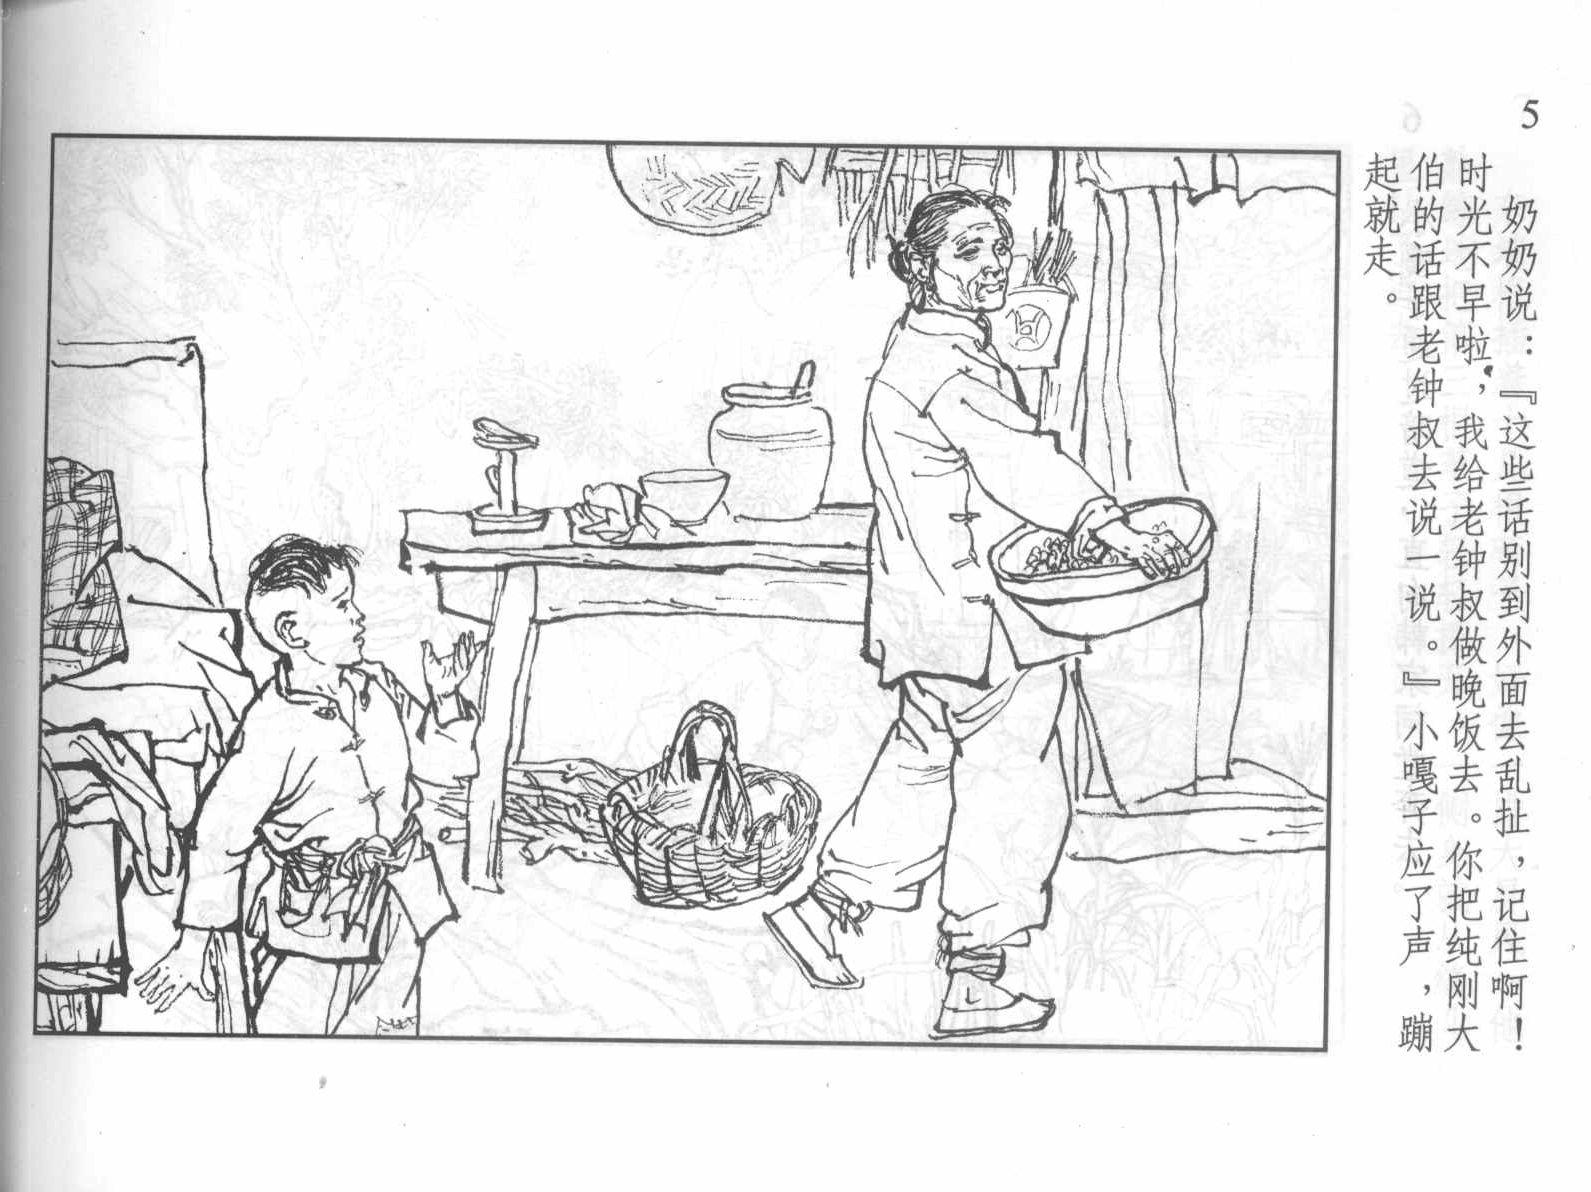 马头琴的来历 - 儿童文学_第4页_乐乐简笔画图片